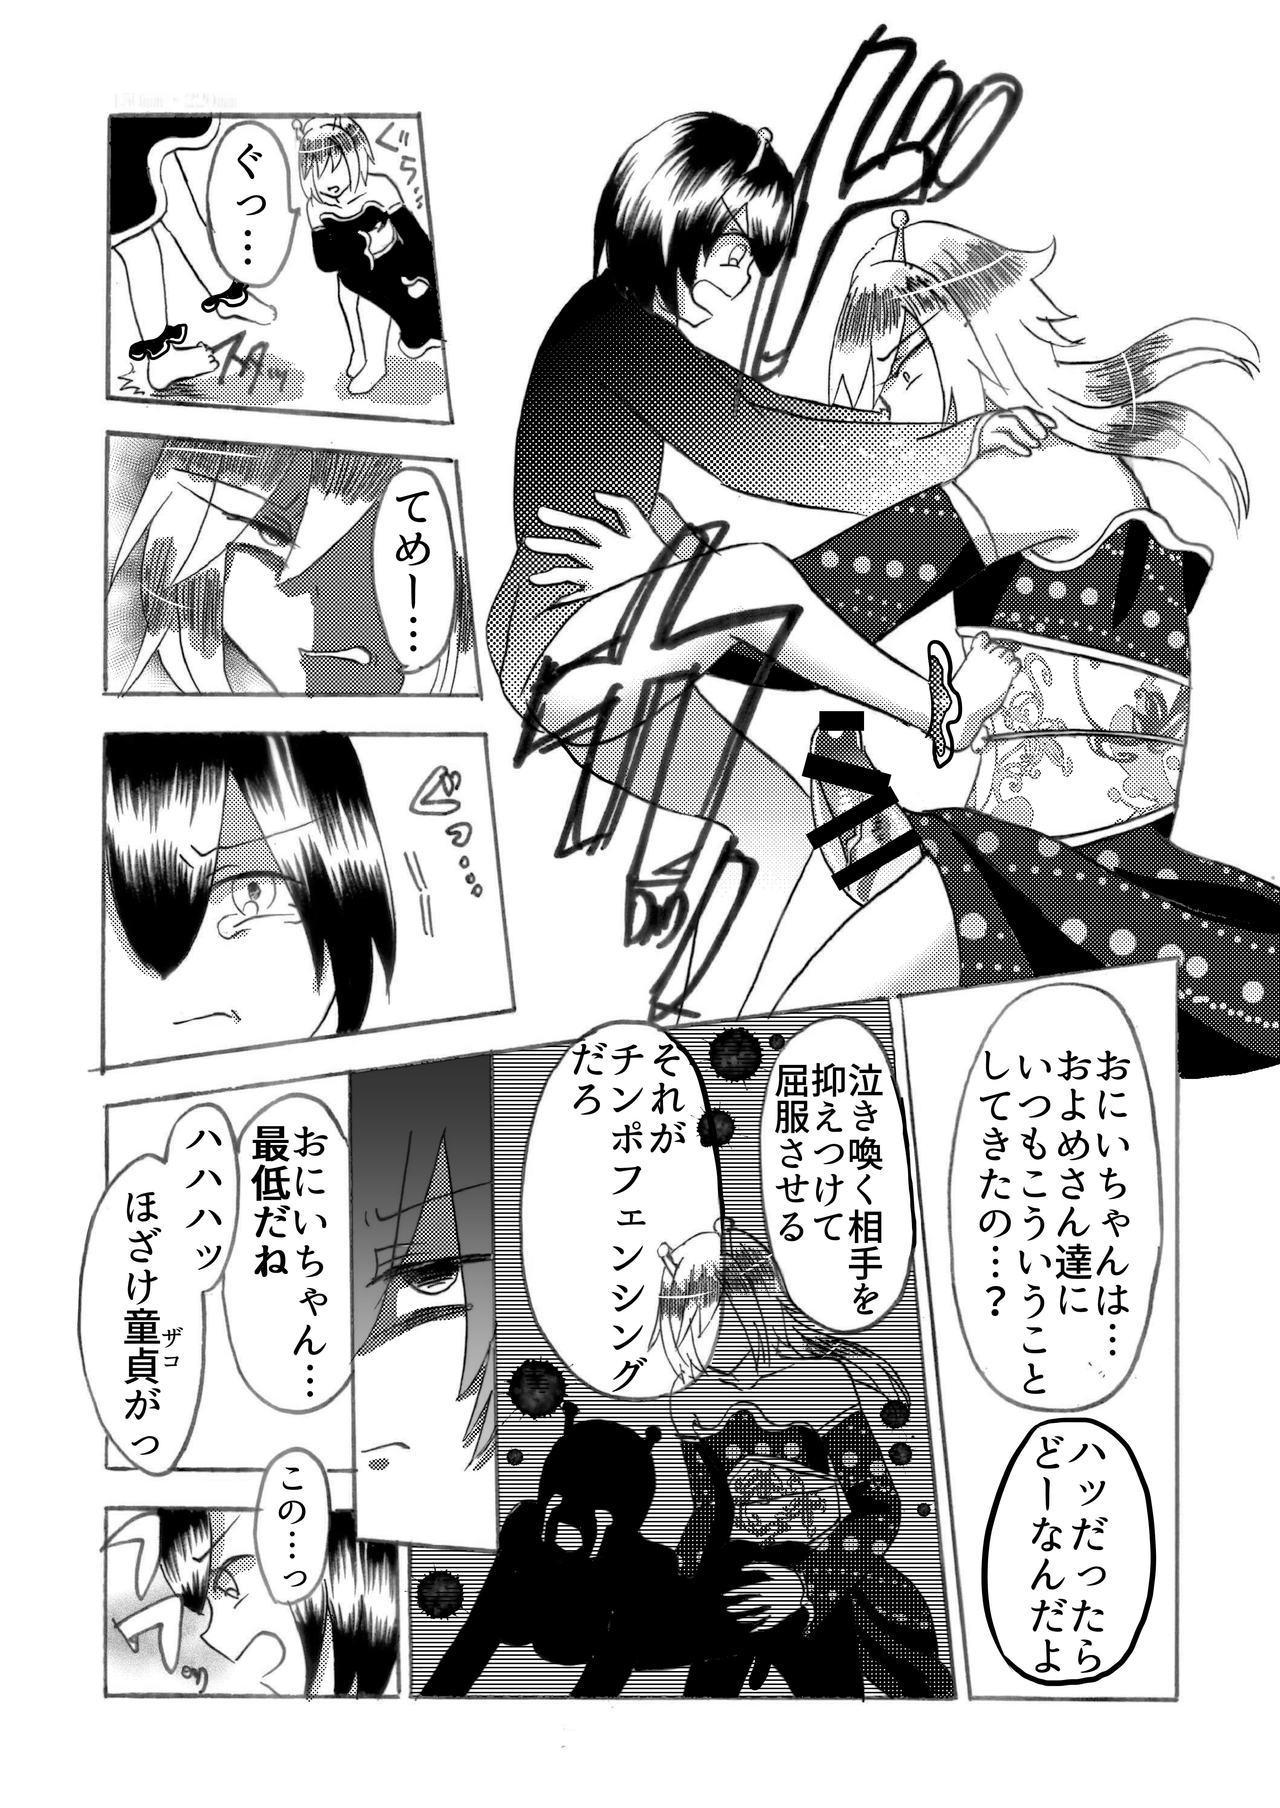 Hira-zoku no Hanashi 13